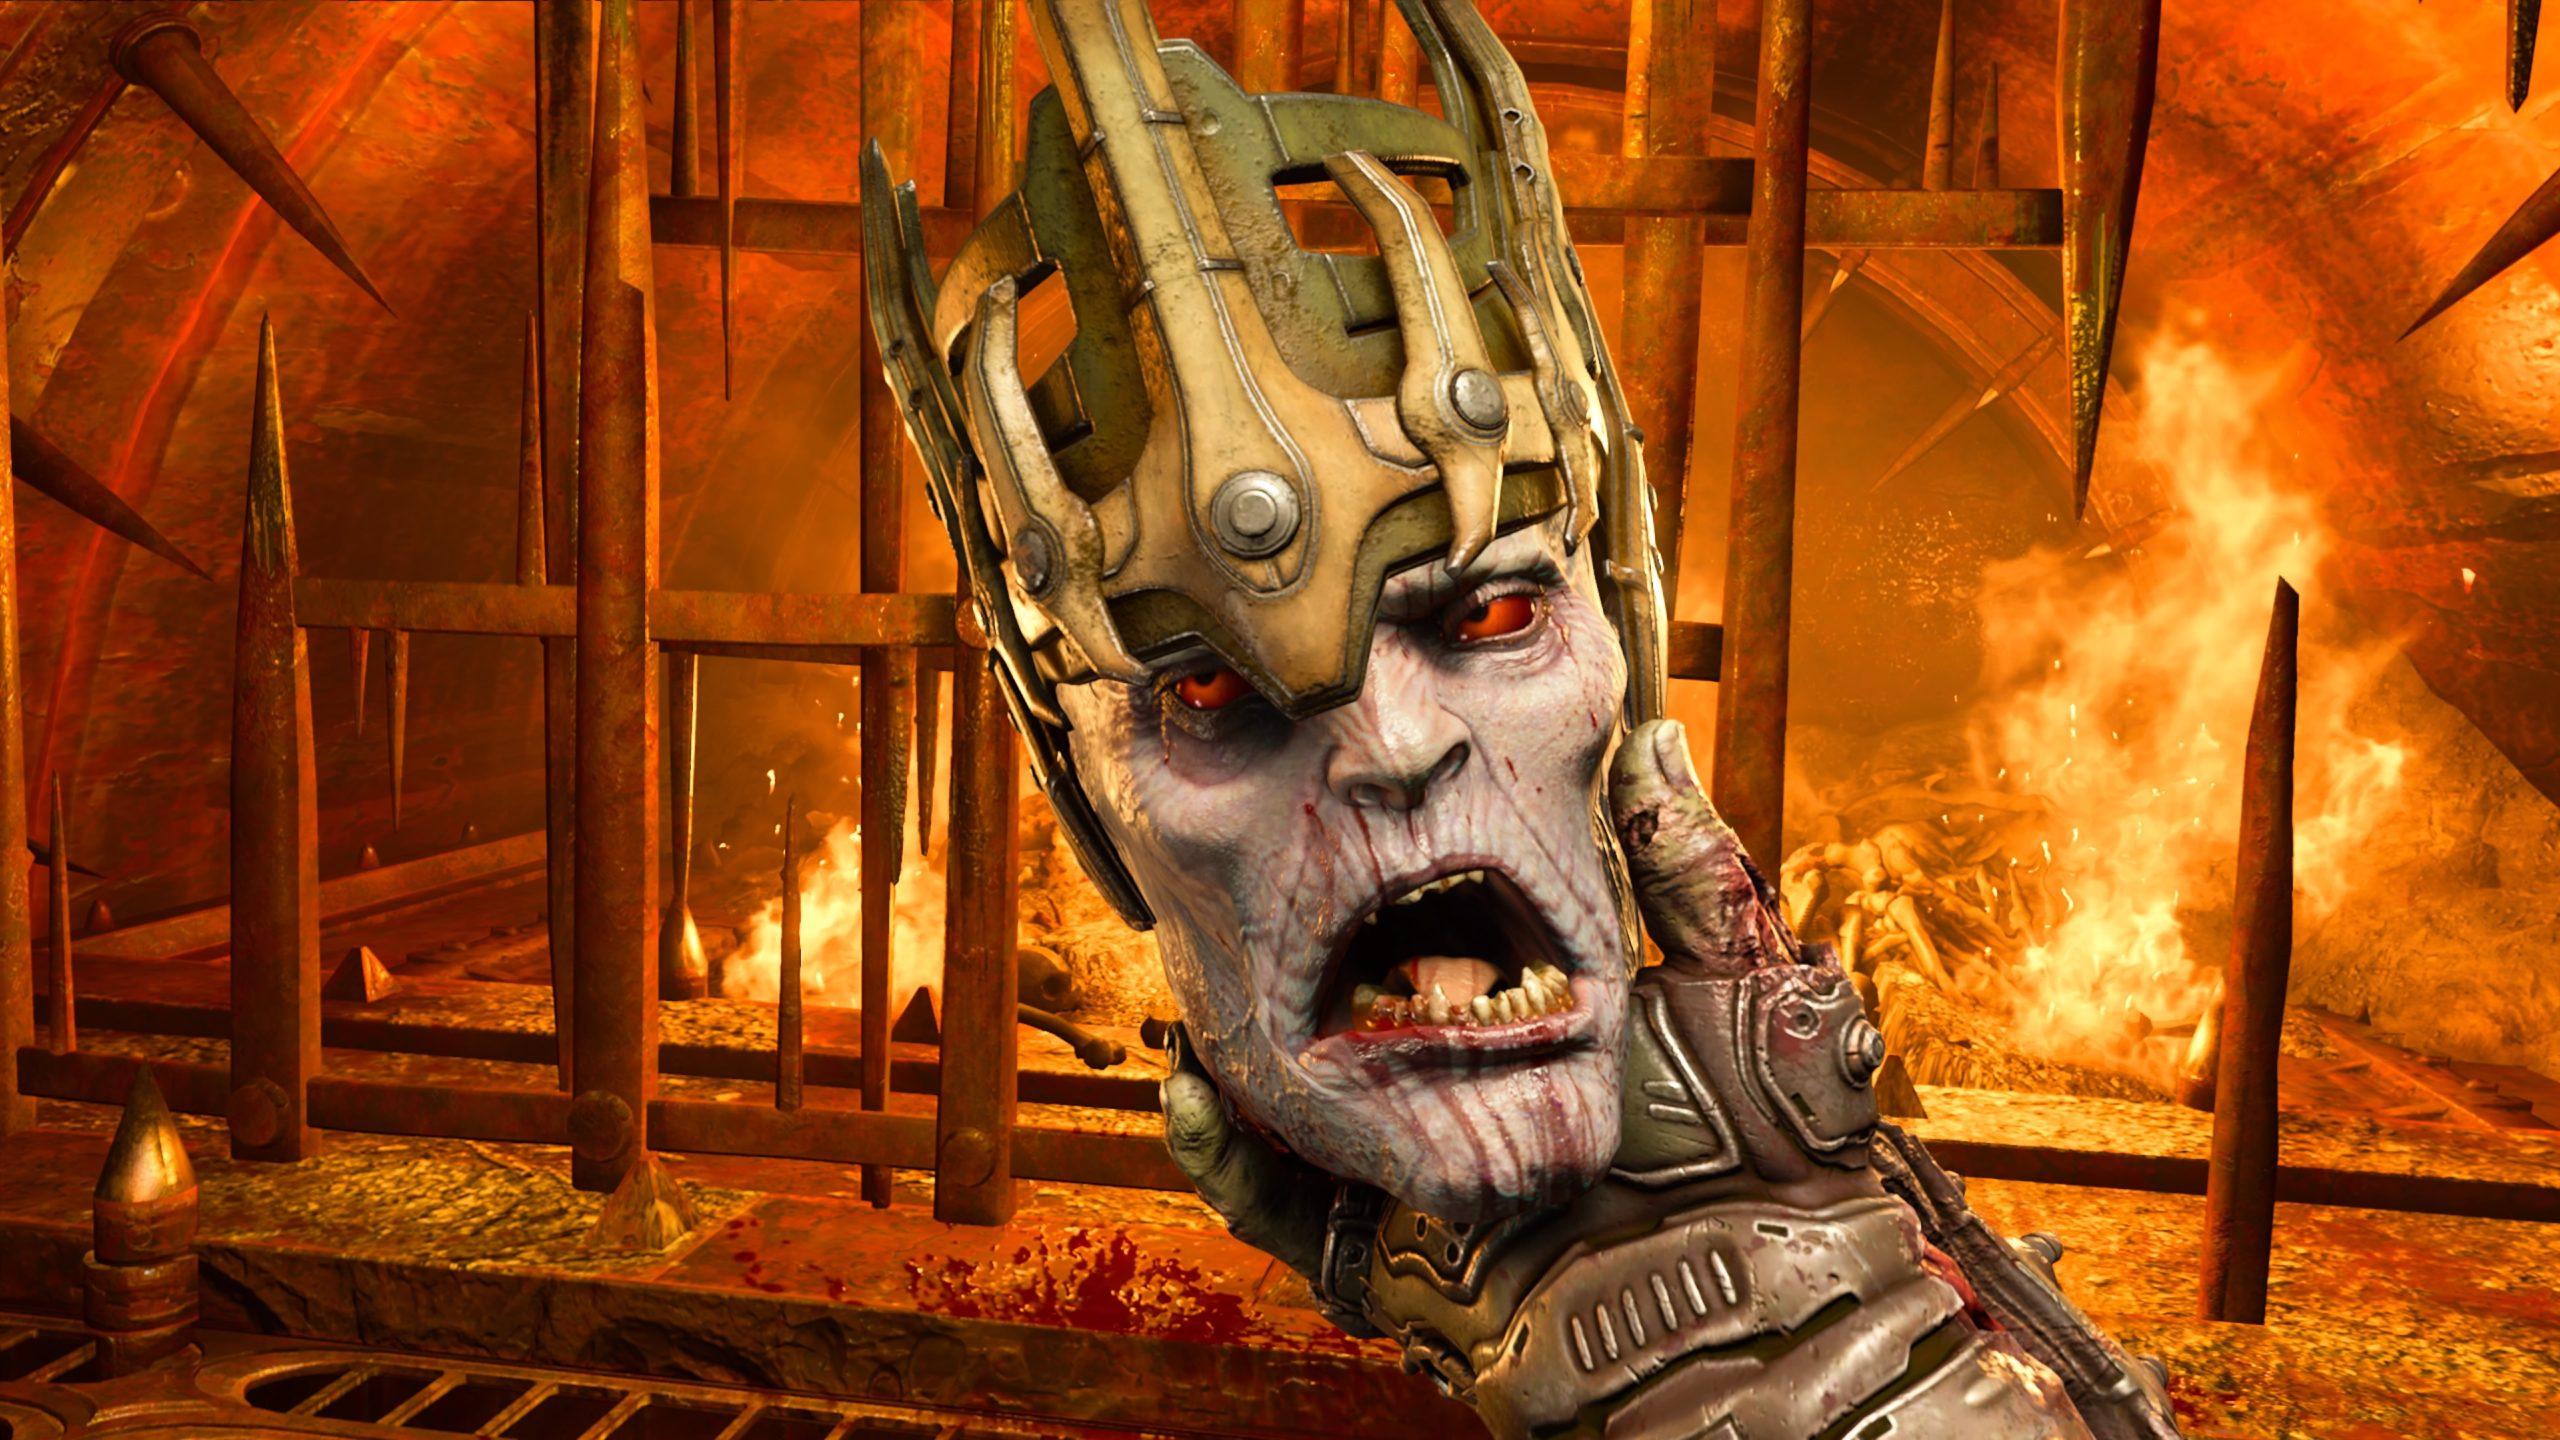 Doom Eternal screenshot - Doomslayer holding a severed head